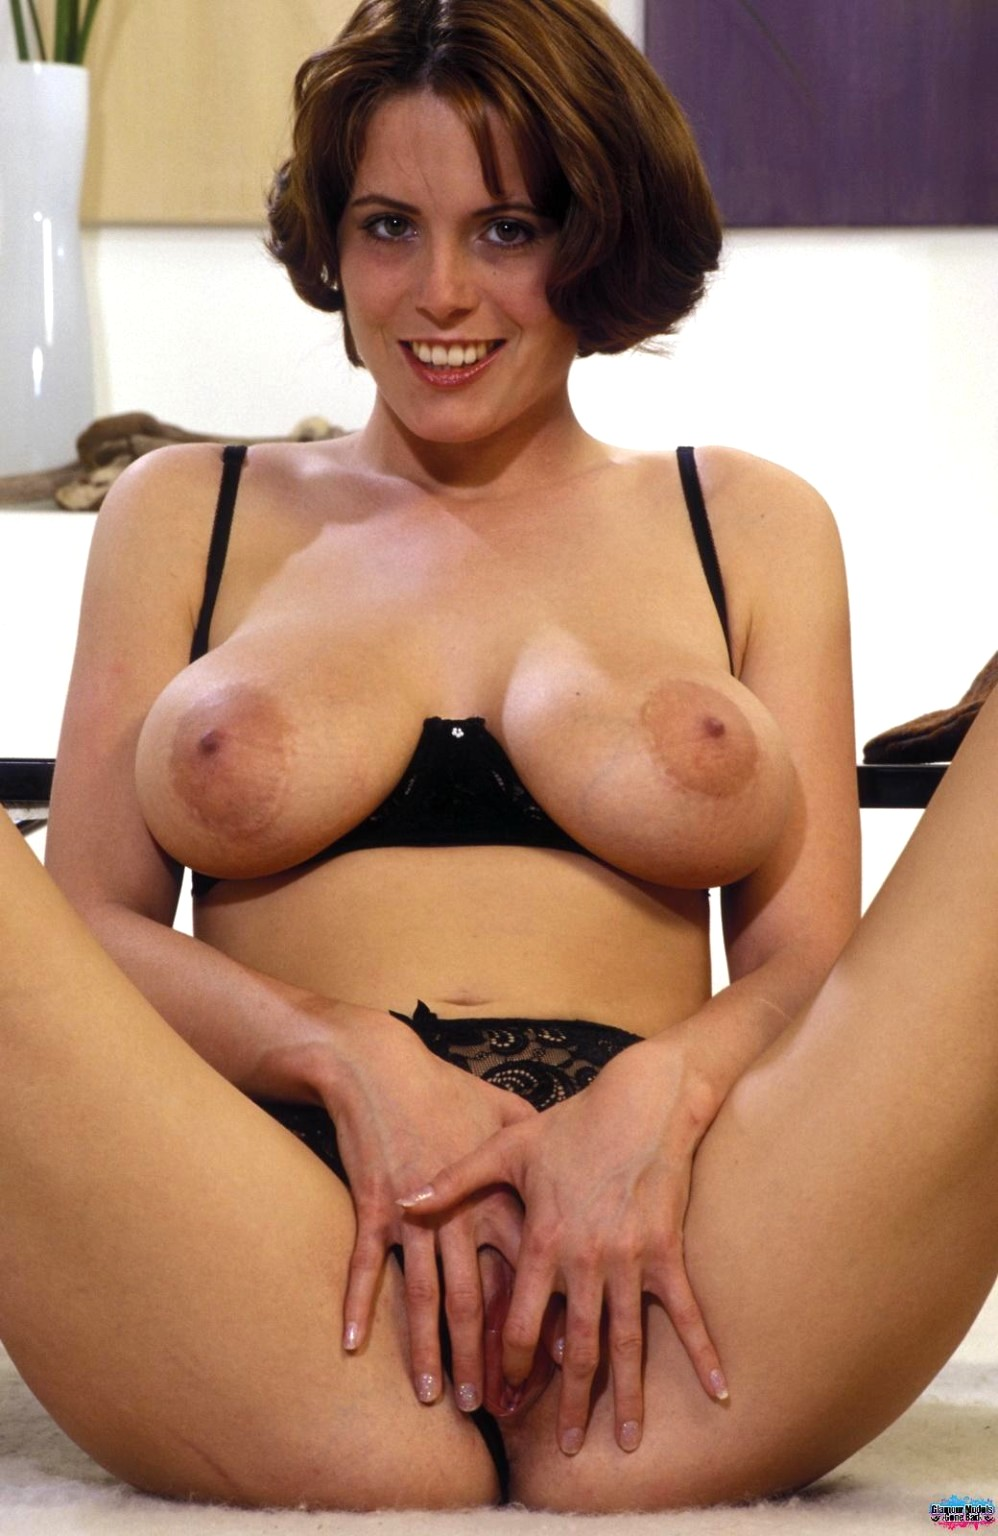 asisn model nude woman